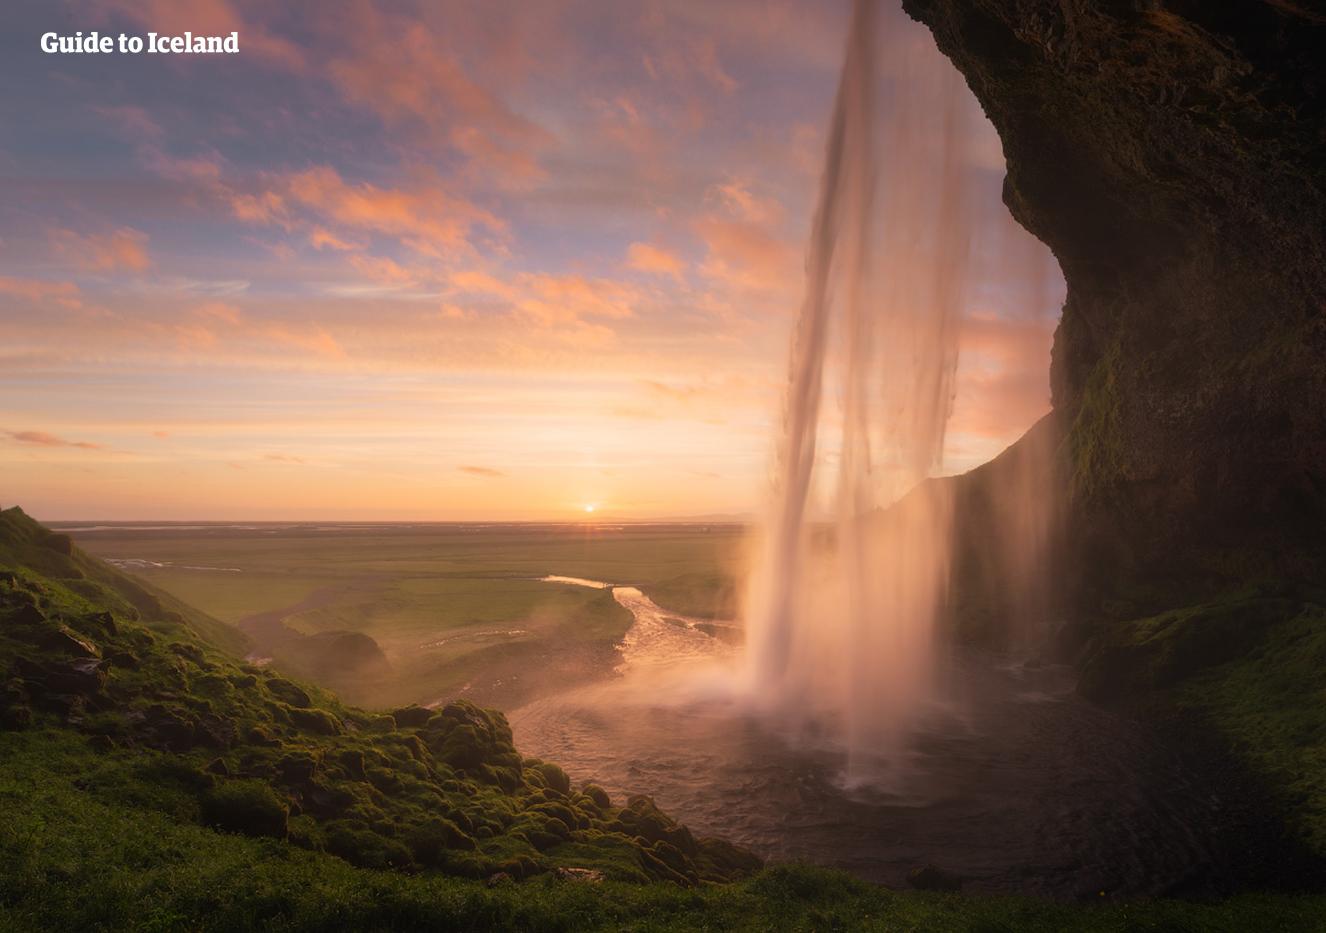 Runt sommarsolståndet i juni kan besökarna stå bakom vattenfallet Seljalandsfoss vid midnatt och se solen där den aldrig går nedanför den södra horisonten.